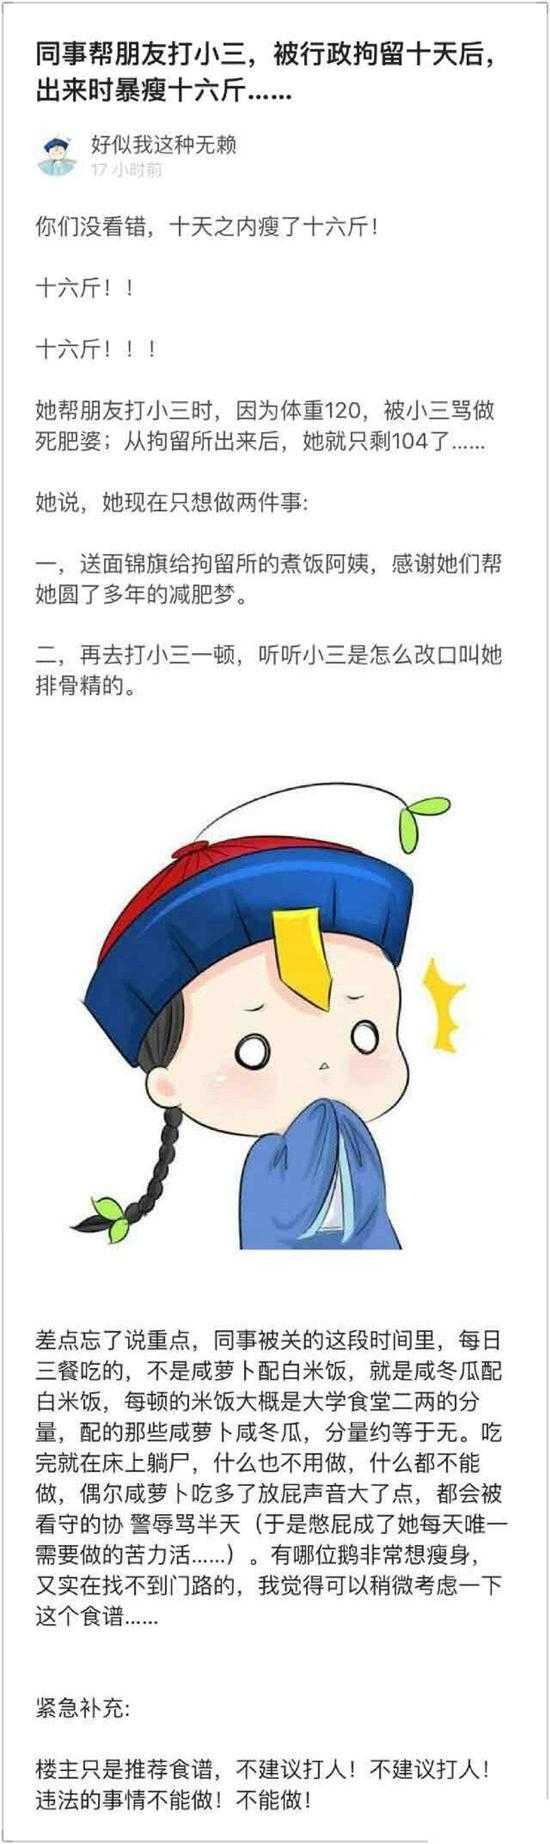 白洁,阿宾,侯龙涛屌编都知道,只是这个紫筠是什么鬼,屌编并没有看过